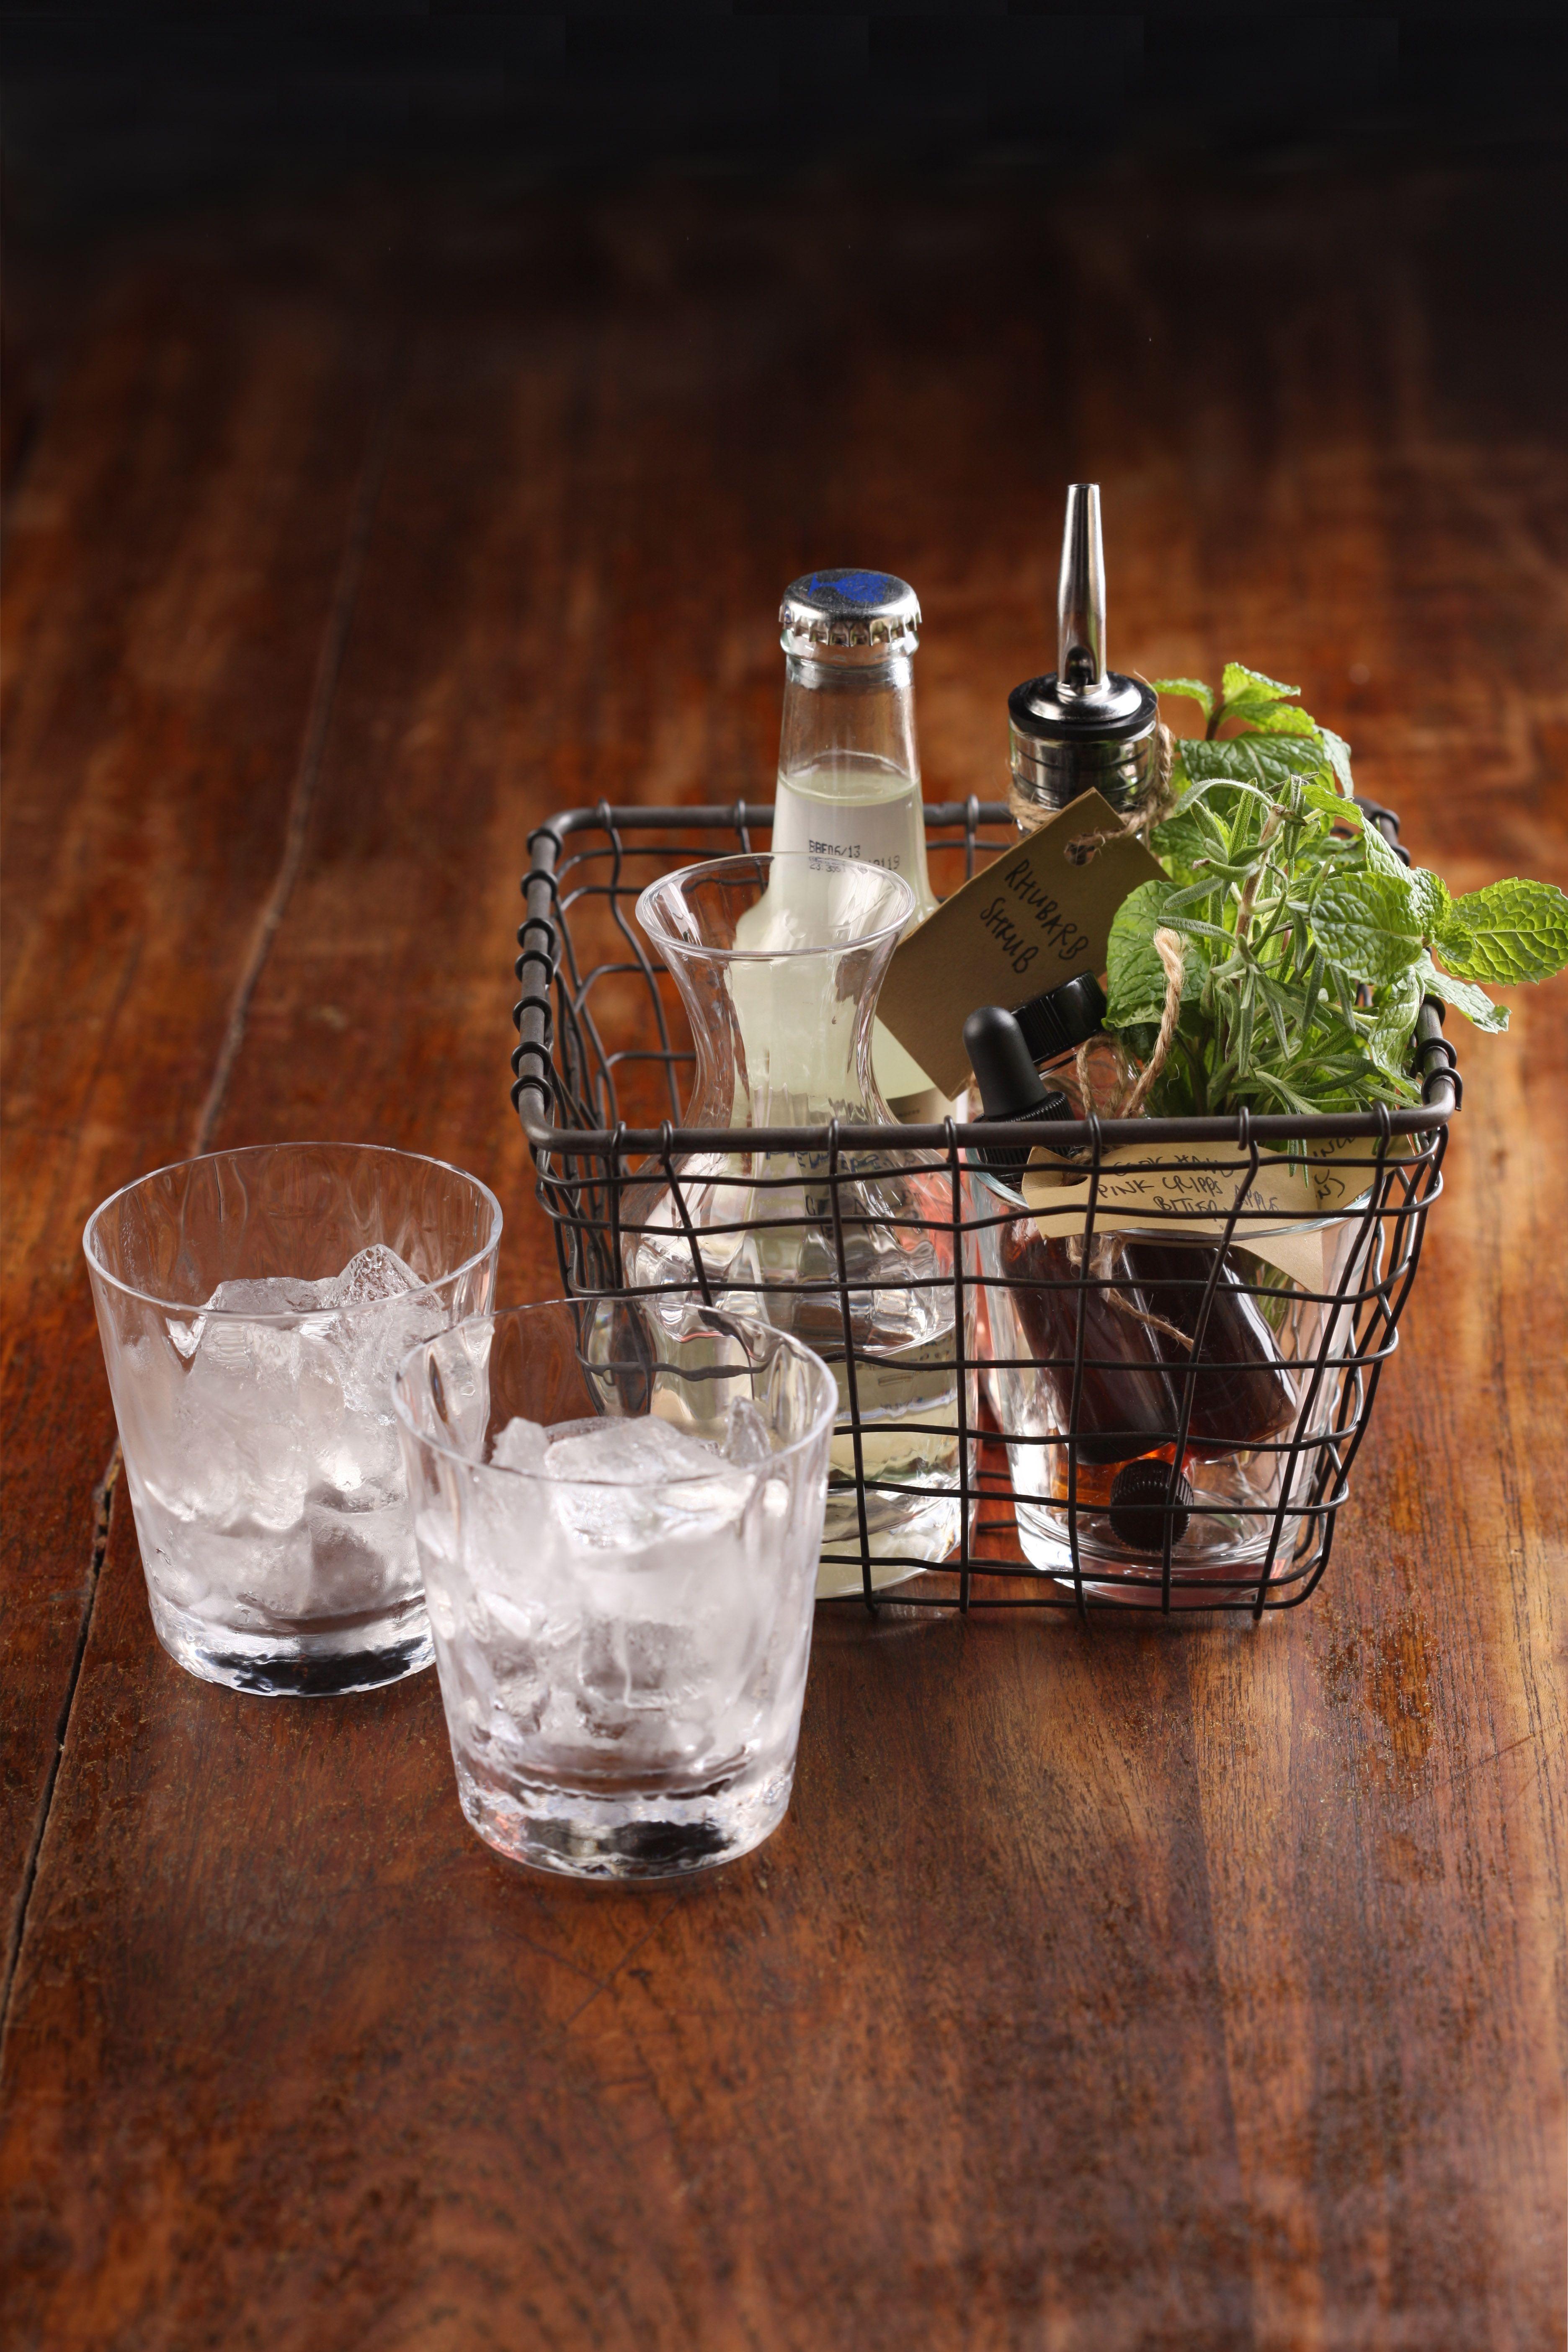 Diy cocktail kit diy food gifts diy cocktails cocktail